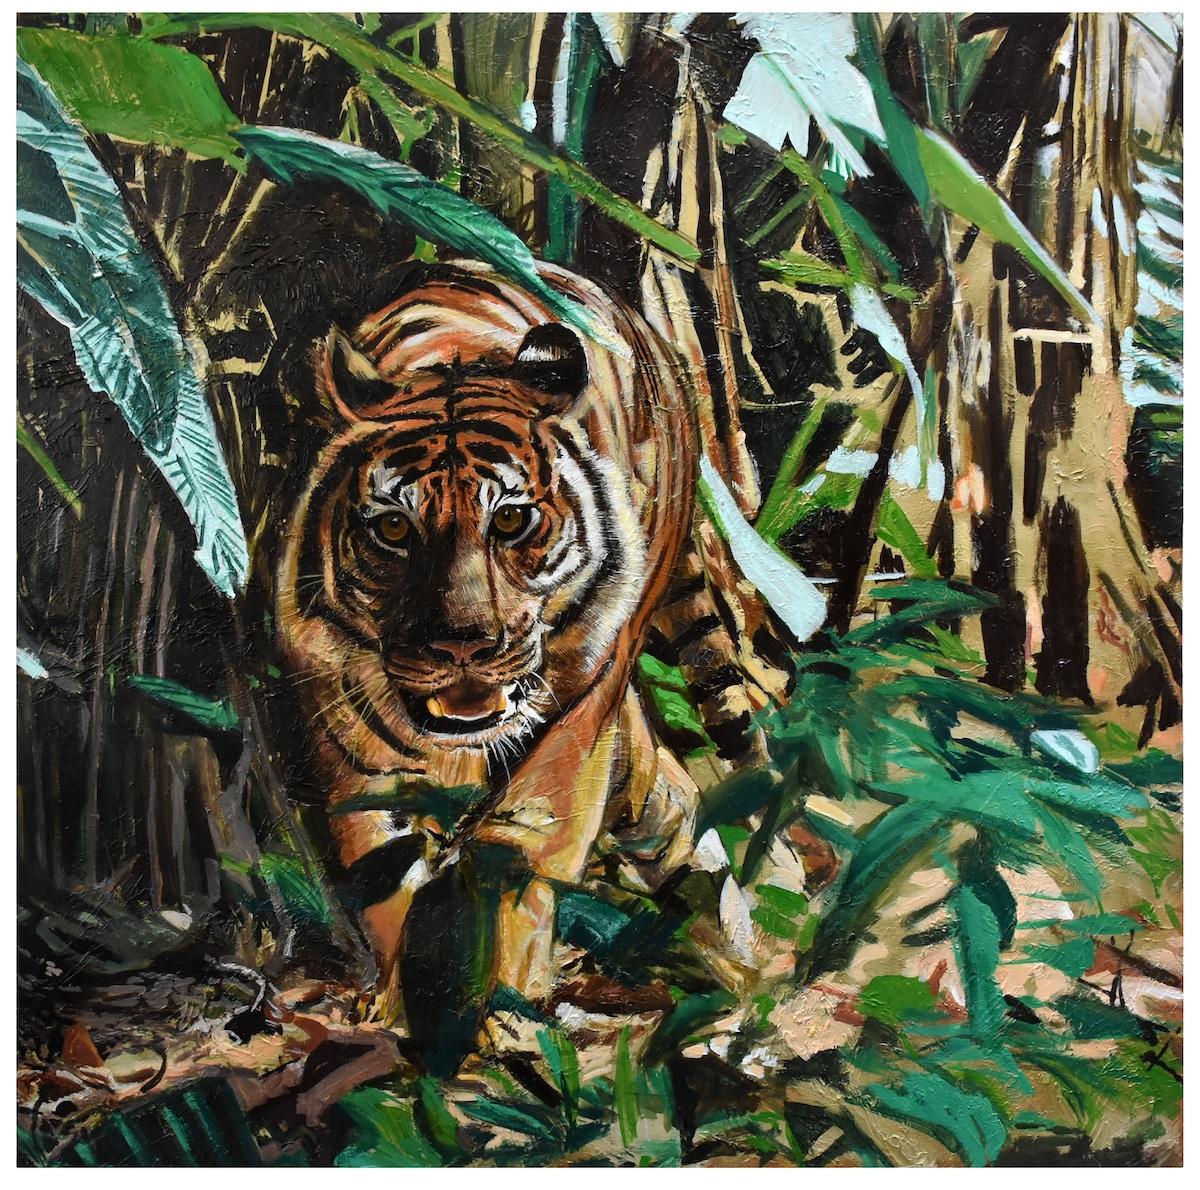 The Drunken Tiger by Nasir Nadzir